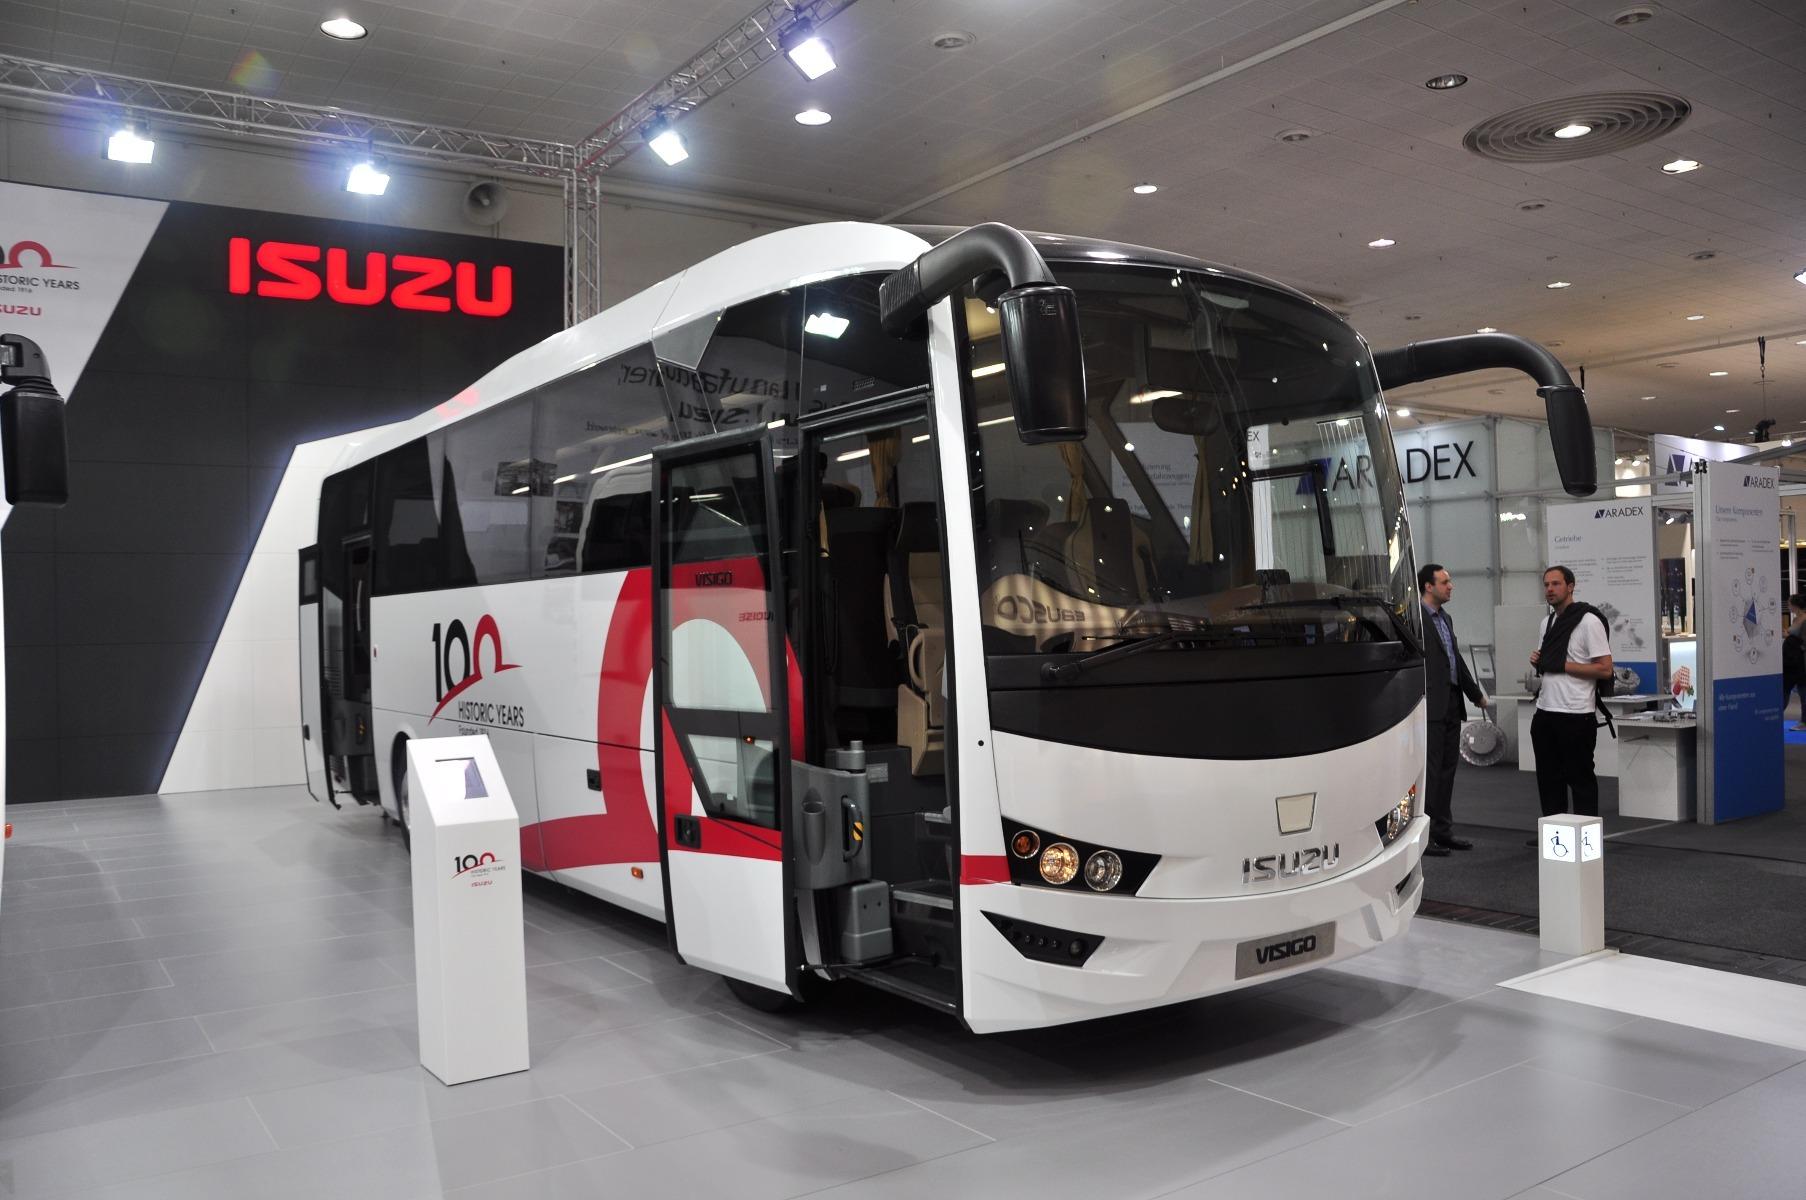 Az Isuzu Visigo turistabusz 9,5 méteres karosszériájába 35 1 1 ülőhely is kerülhet